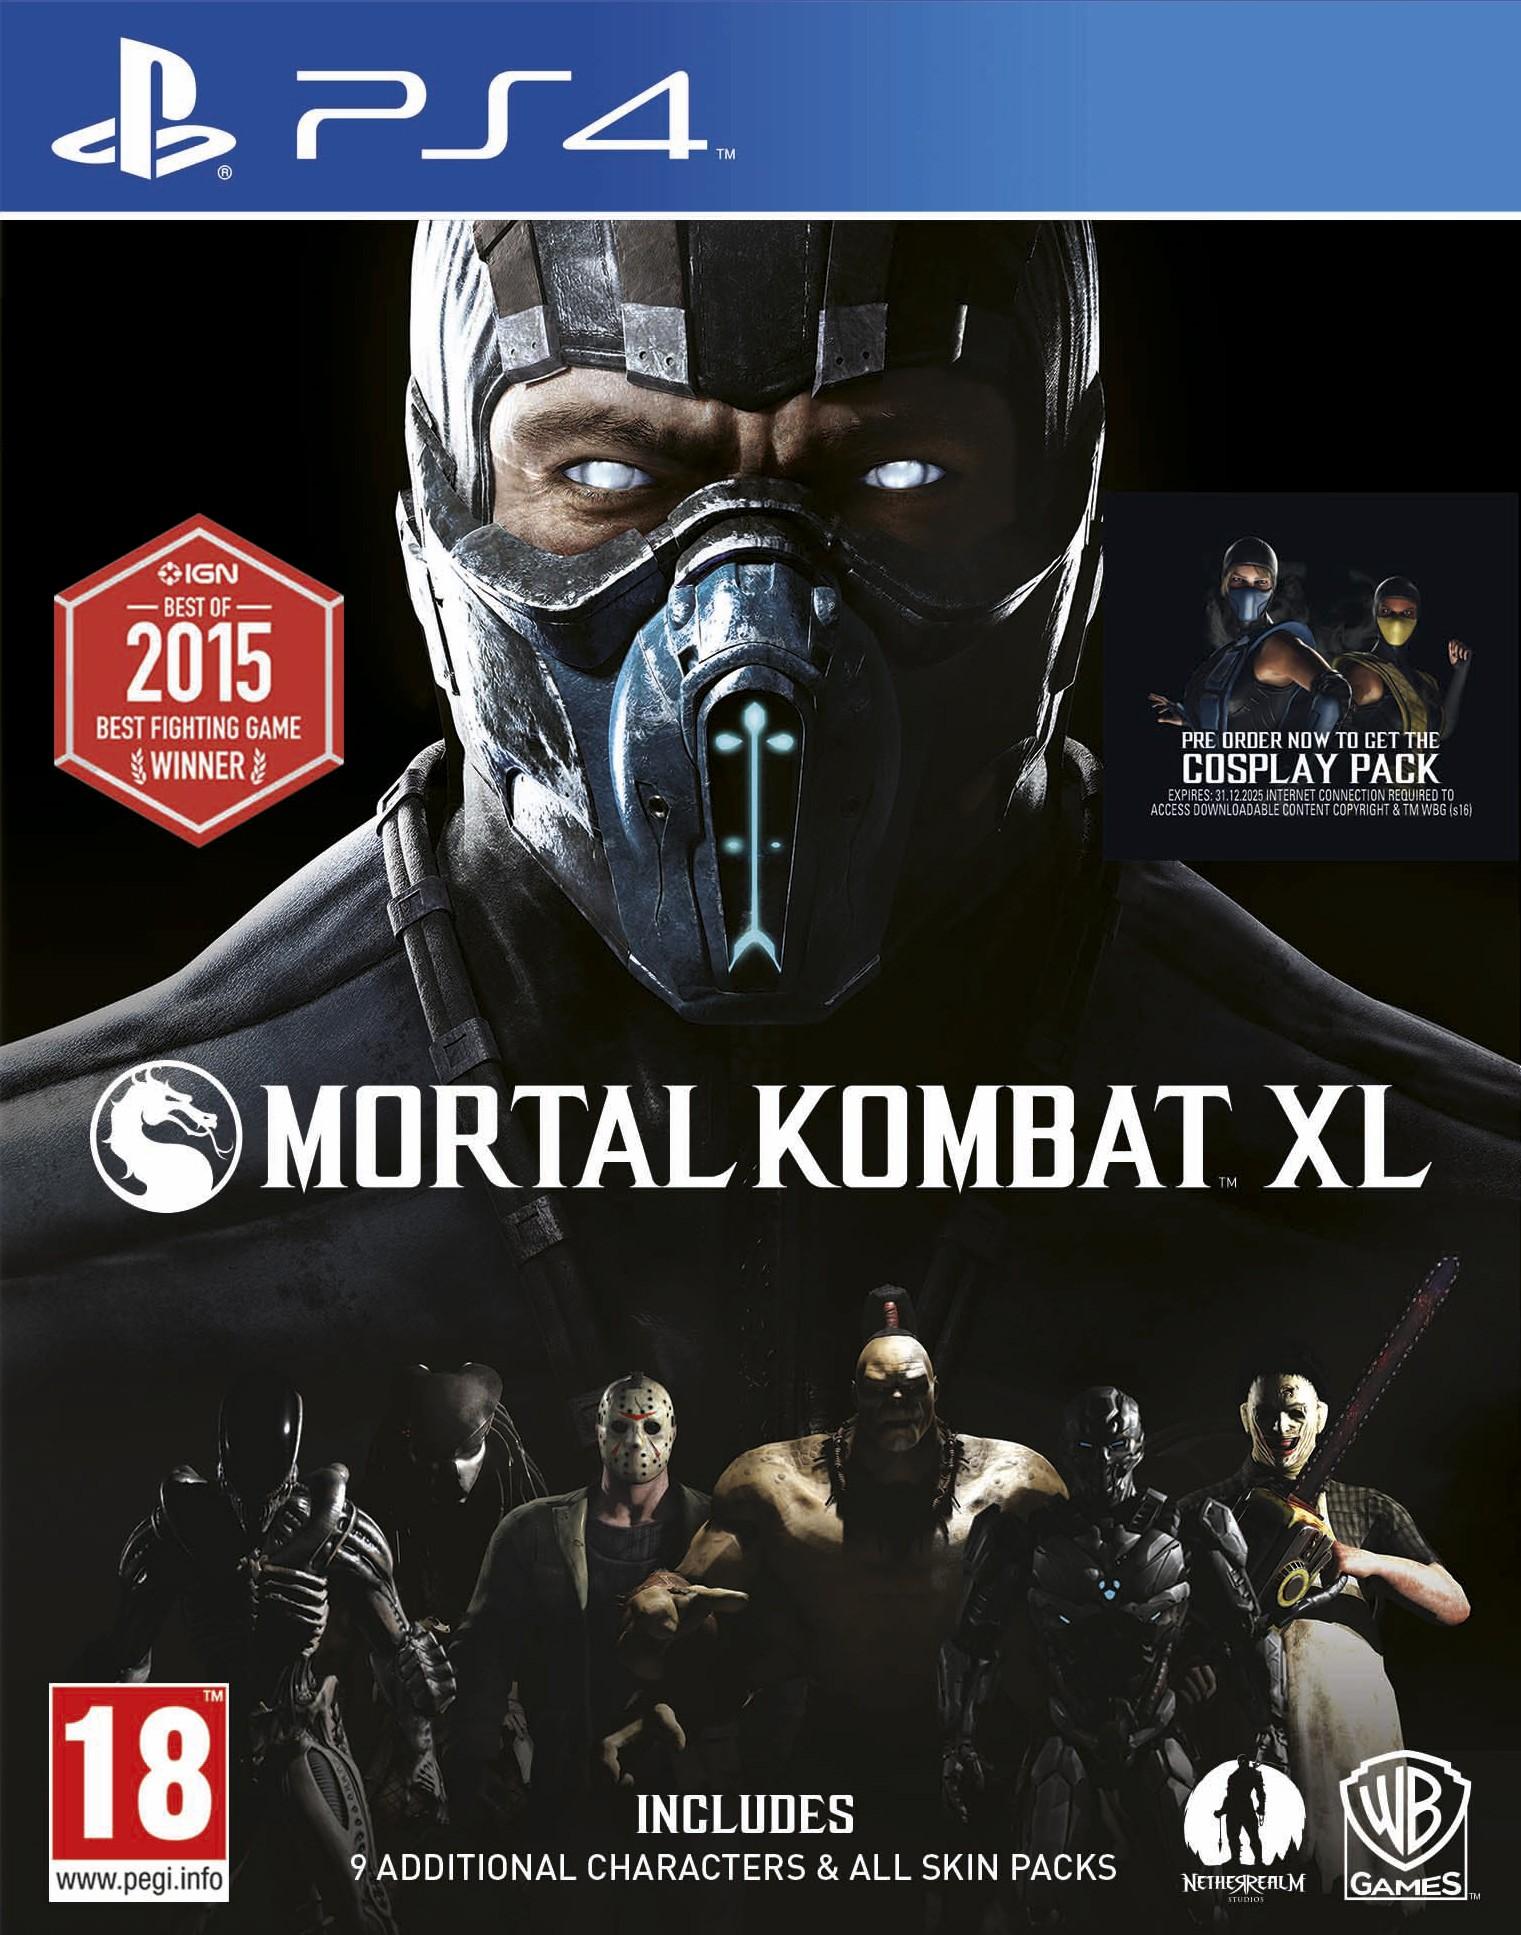 PS4MORTALKXL : Mortal Kombat XL (PS4)